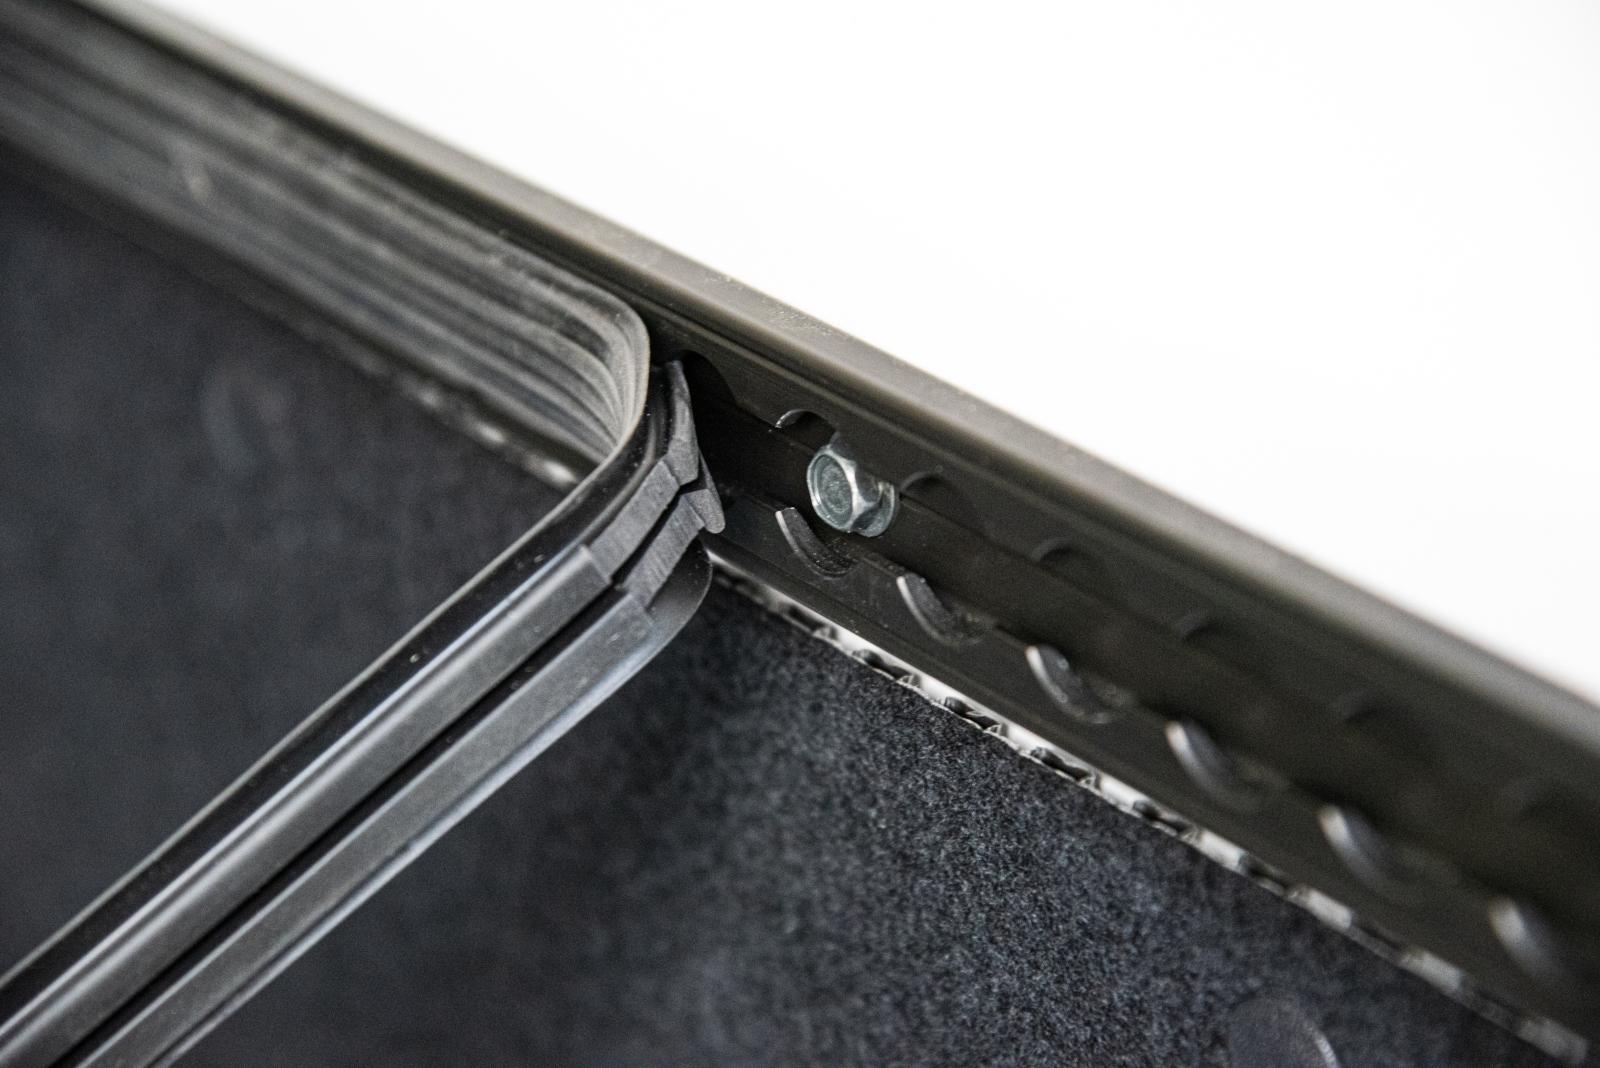 Relleumdesign Zurrschienen-Abdeckung - Schrauben können ausgespart werden.